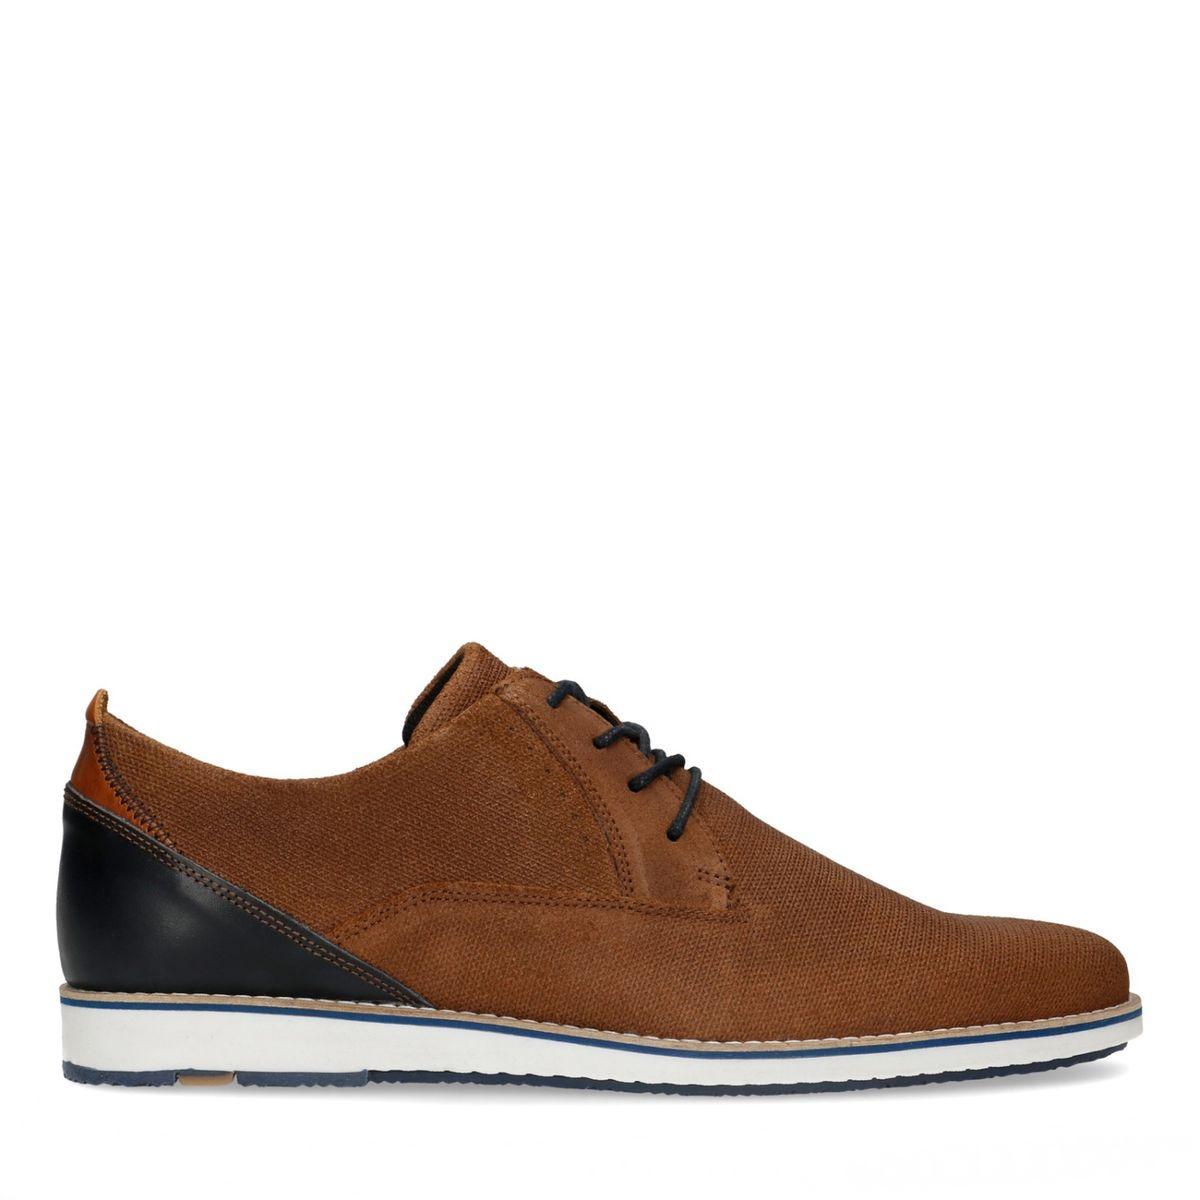 Chaussures à lacets en daim